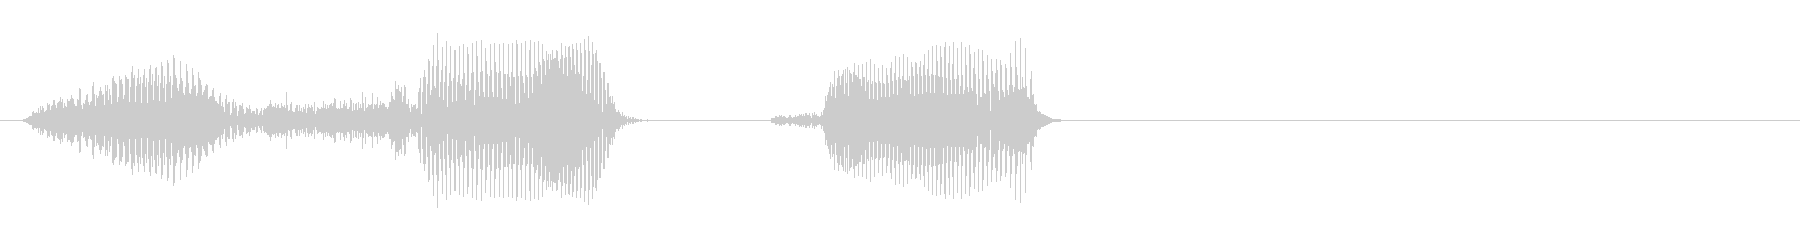 時速の未再生の波形